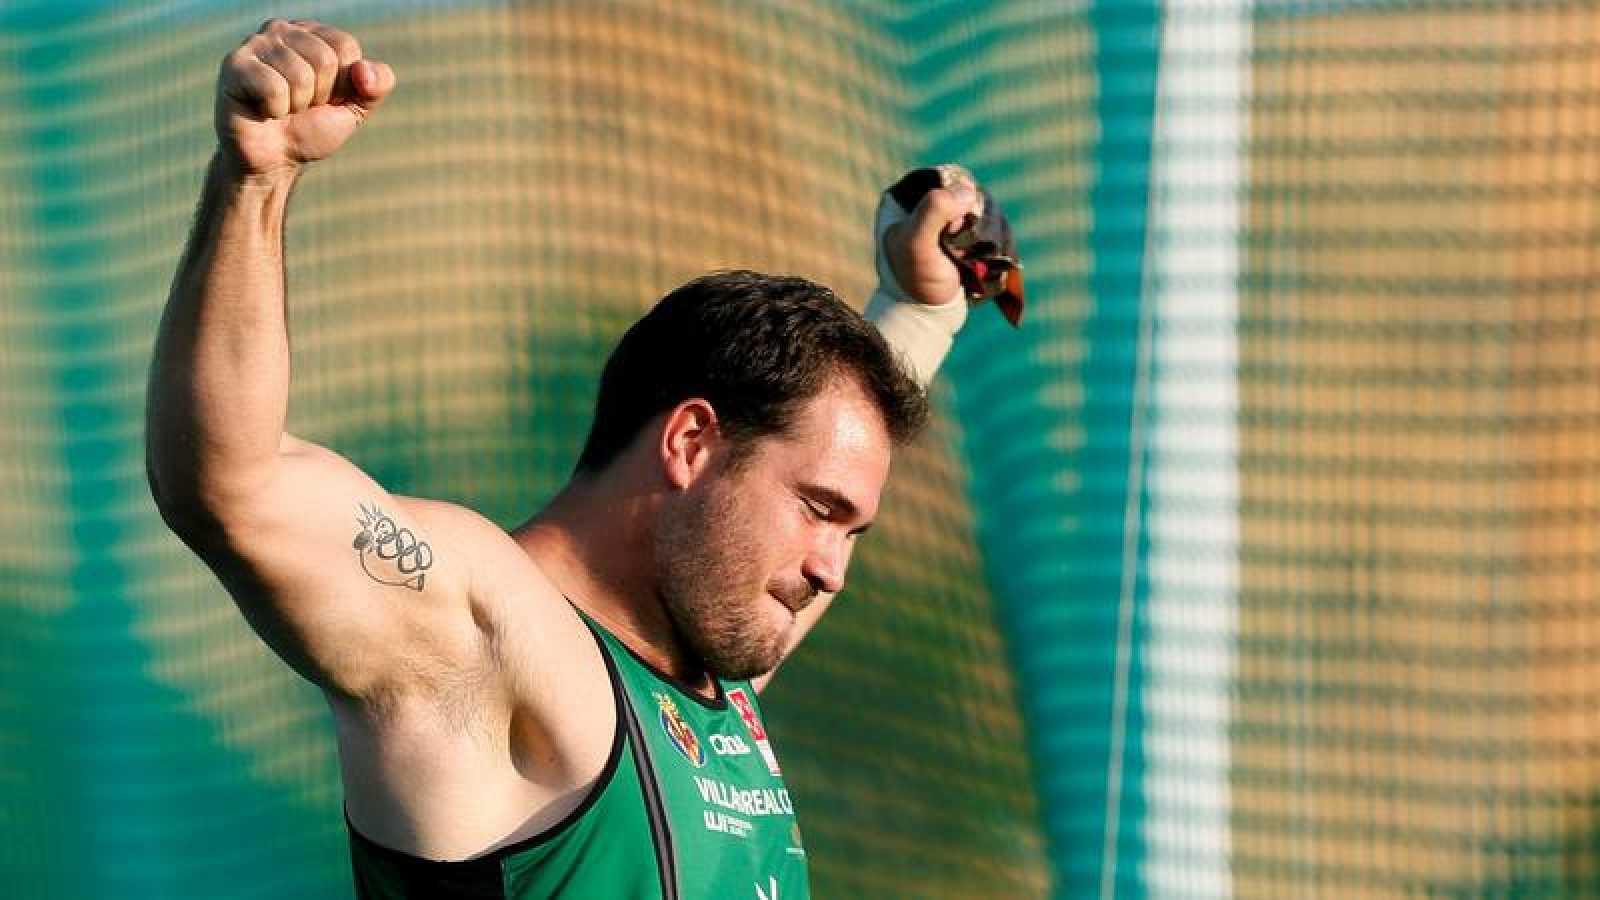 Cienfuegos eleva su récord nacional de martillo a los 78,70 metros